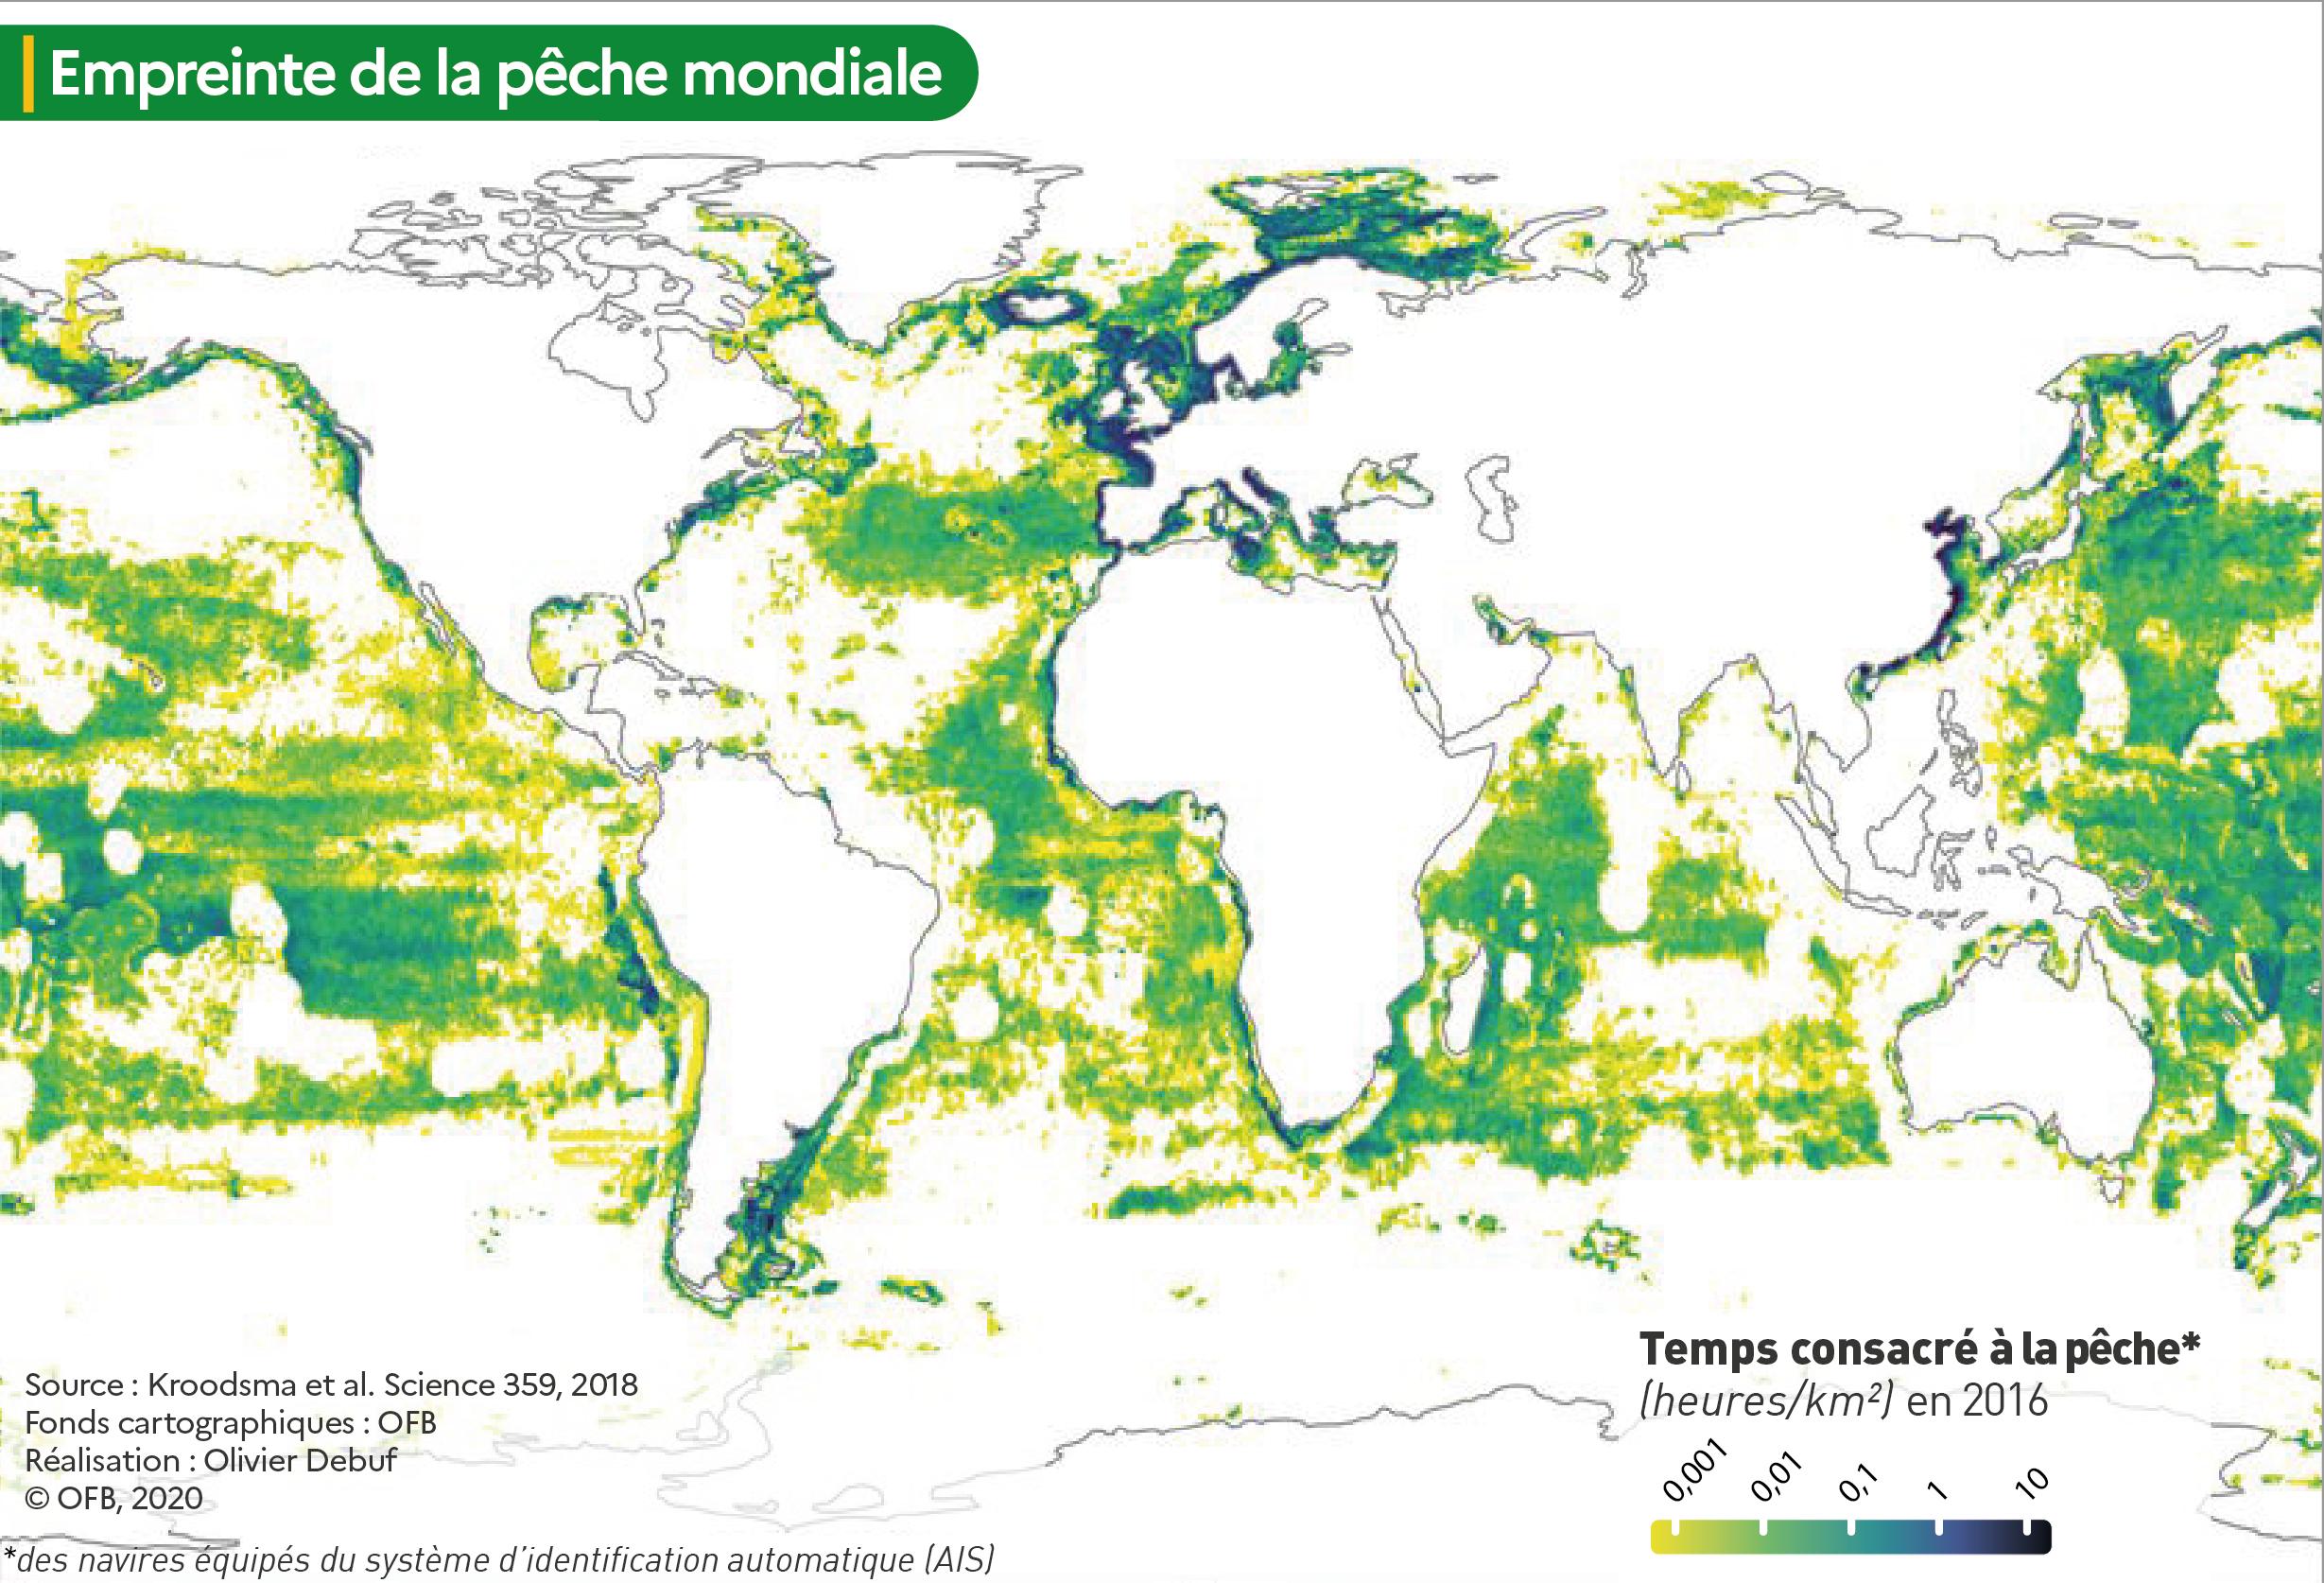 """Carte """"Nombre d'heures de pêche par km²"""""""